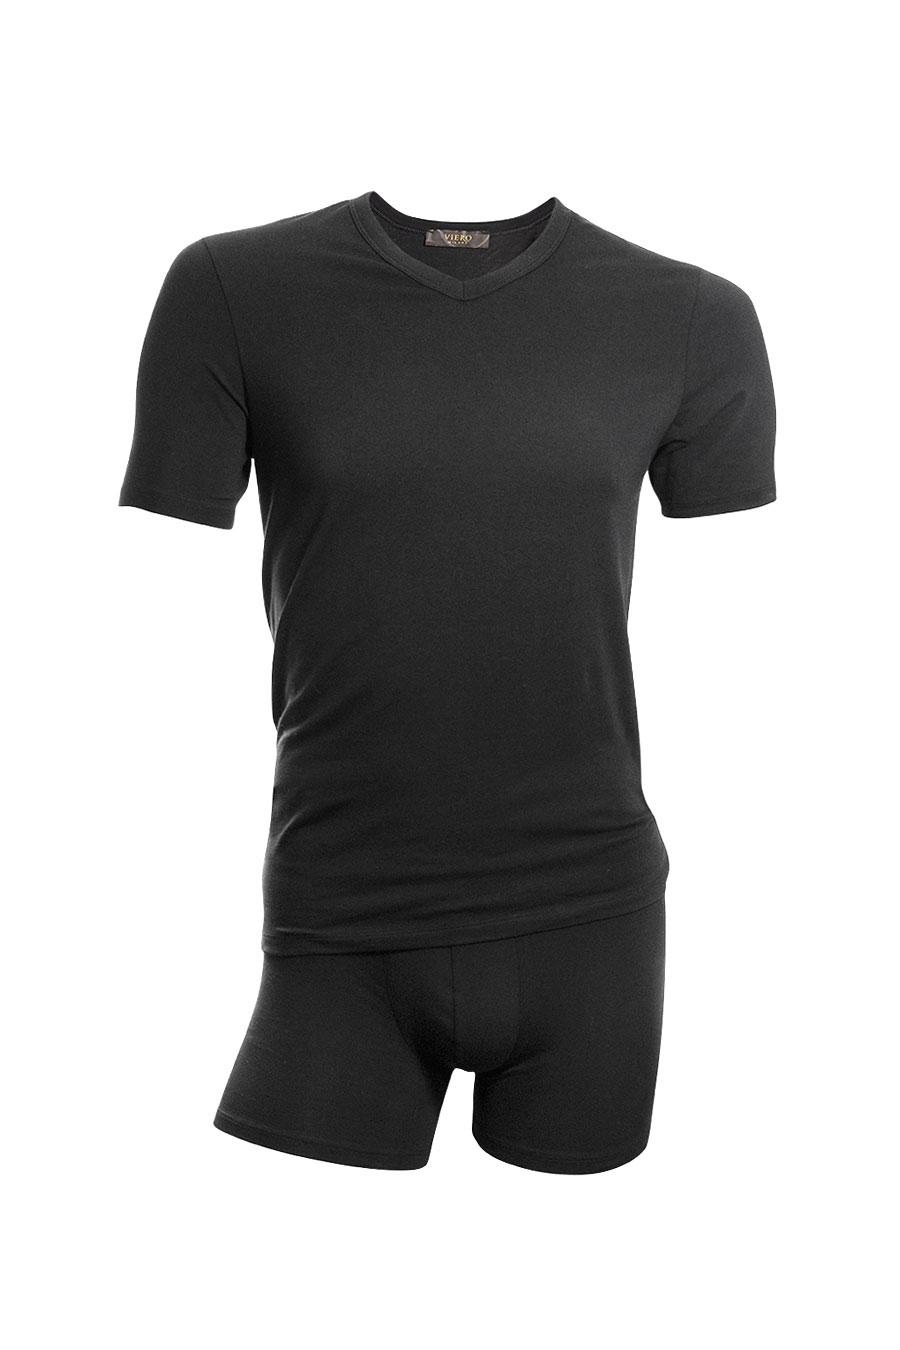 Svart modal tskjorte. Undertøy fra Viero Milano i modal er ekstremt mykt og behagelig mot huden.